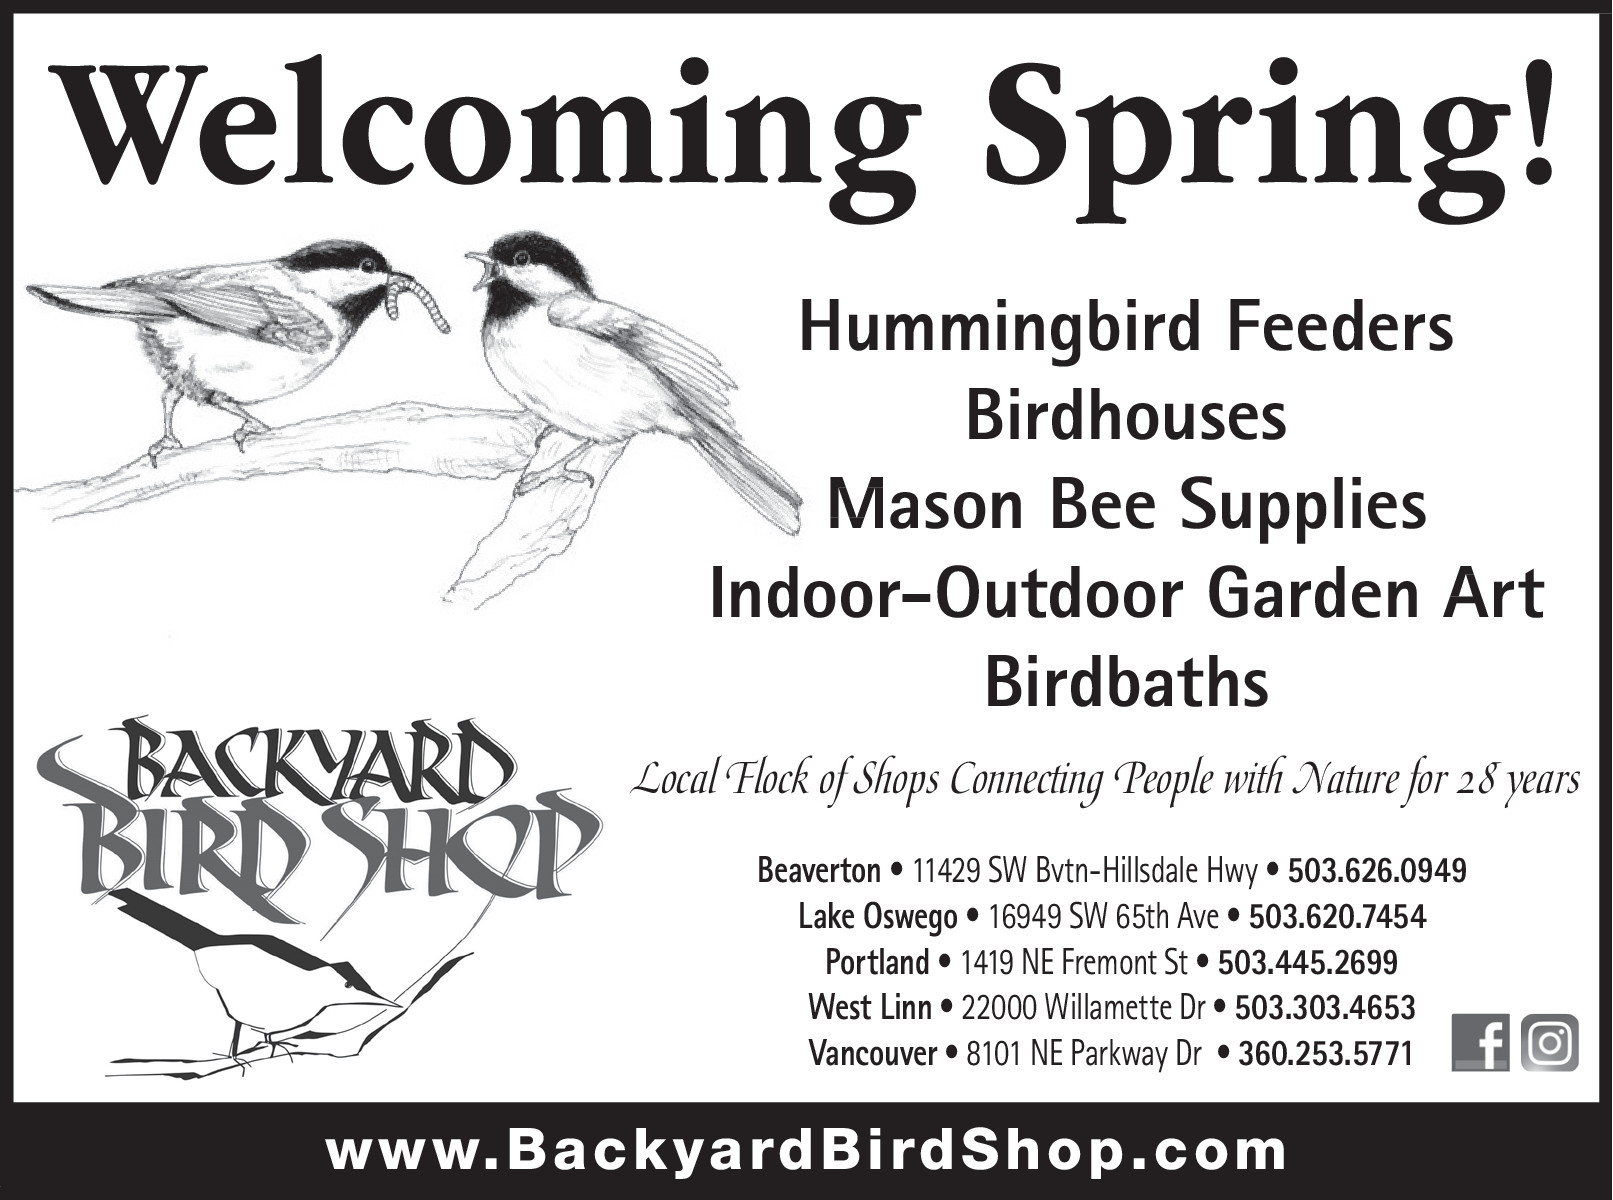 15+ The Backyard Bird Shop Background - HomeLooker